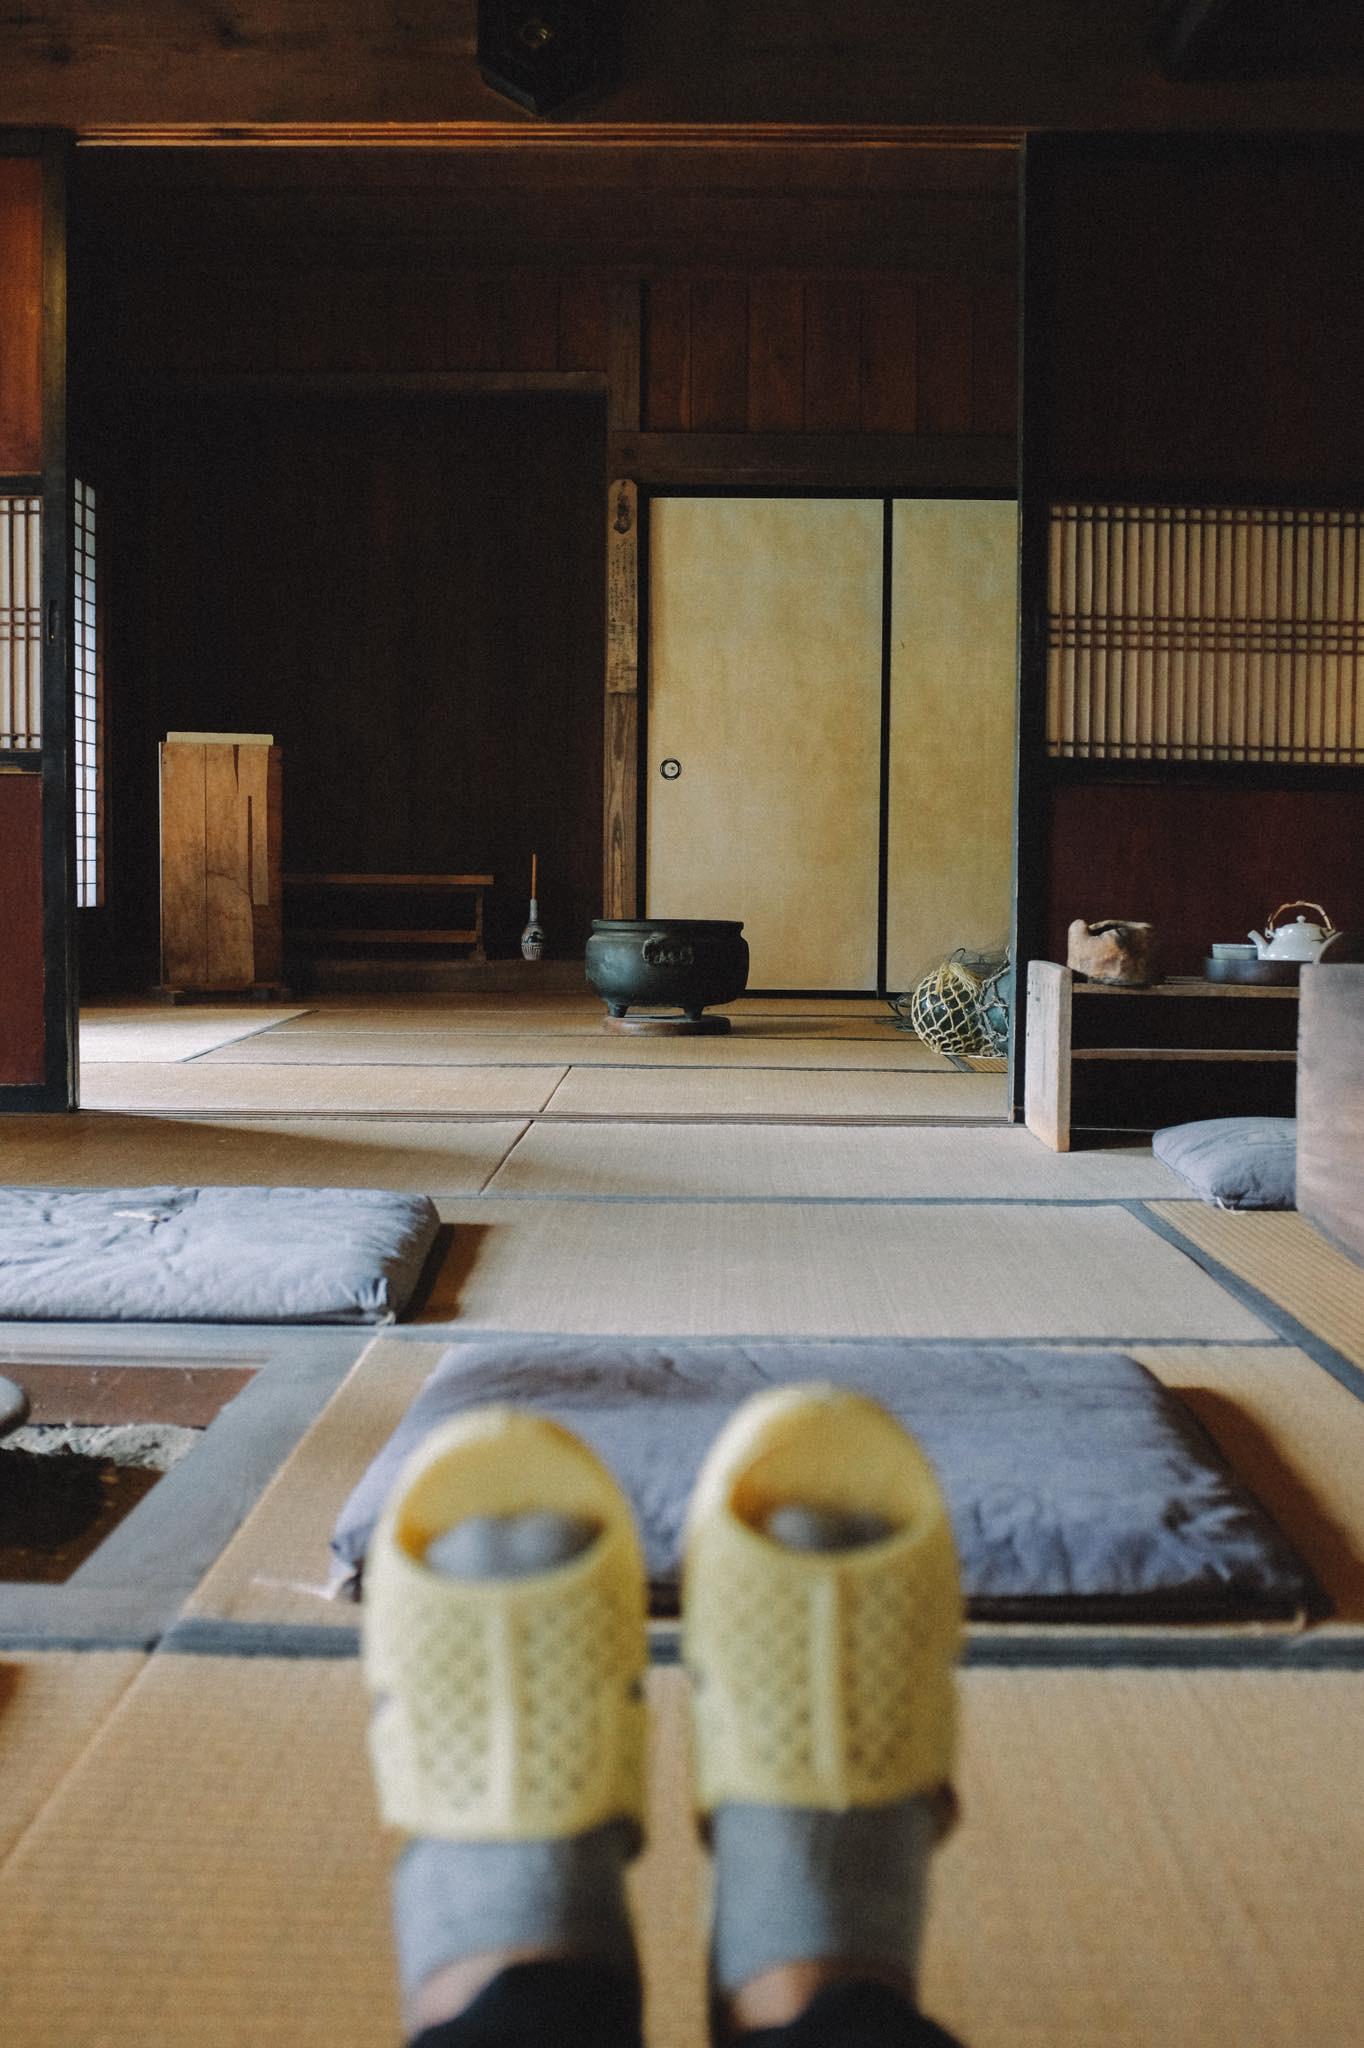 Thánh dép tổ ong tái xuất với bộ ảnh mới, lần này là rong ruổi miền Bắc nước Nhật xinh đẹp - Ảnh 9.